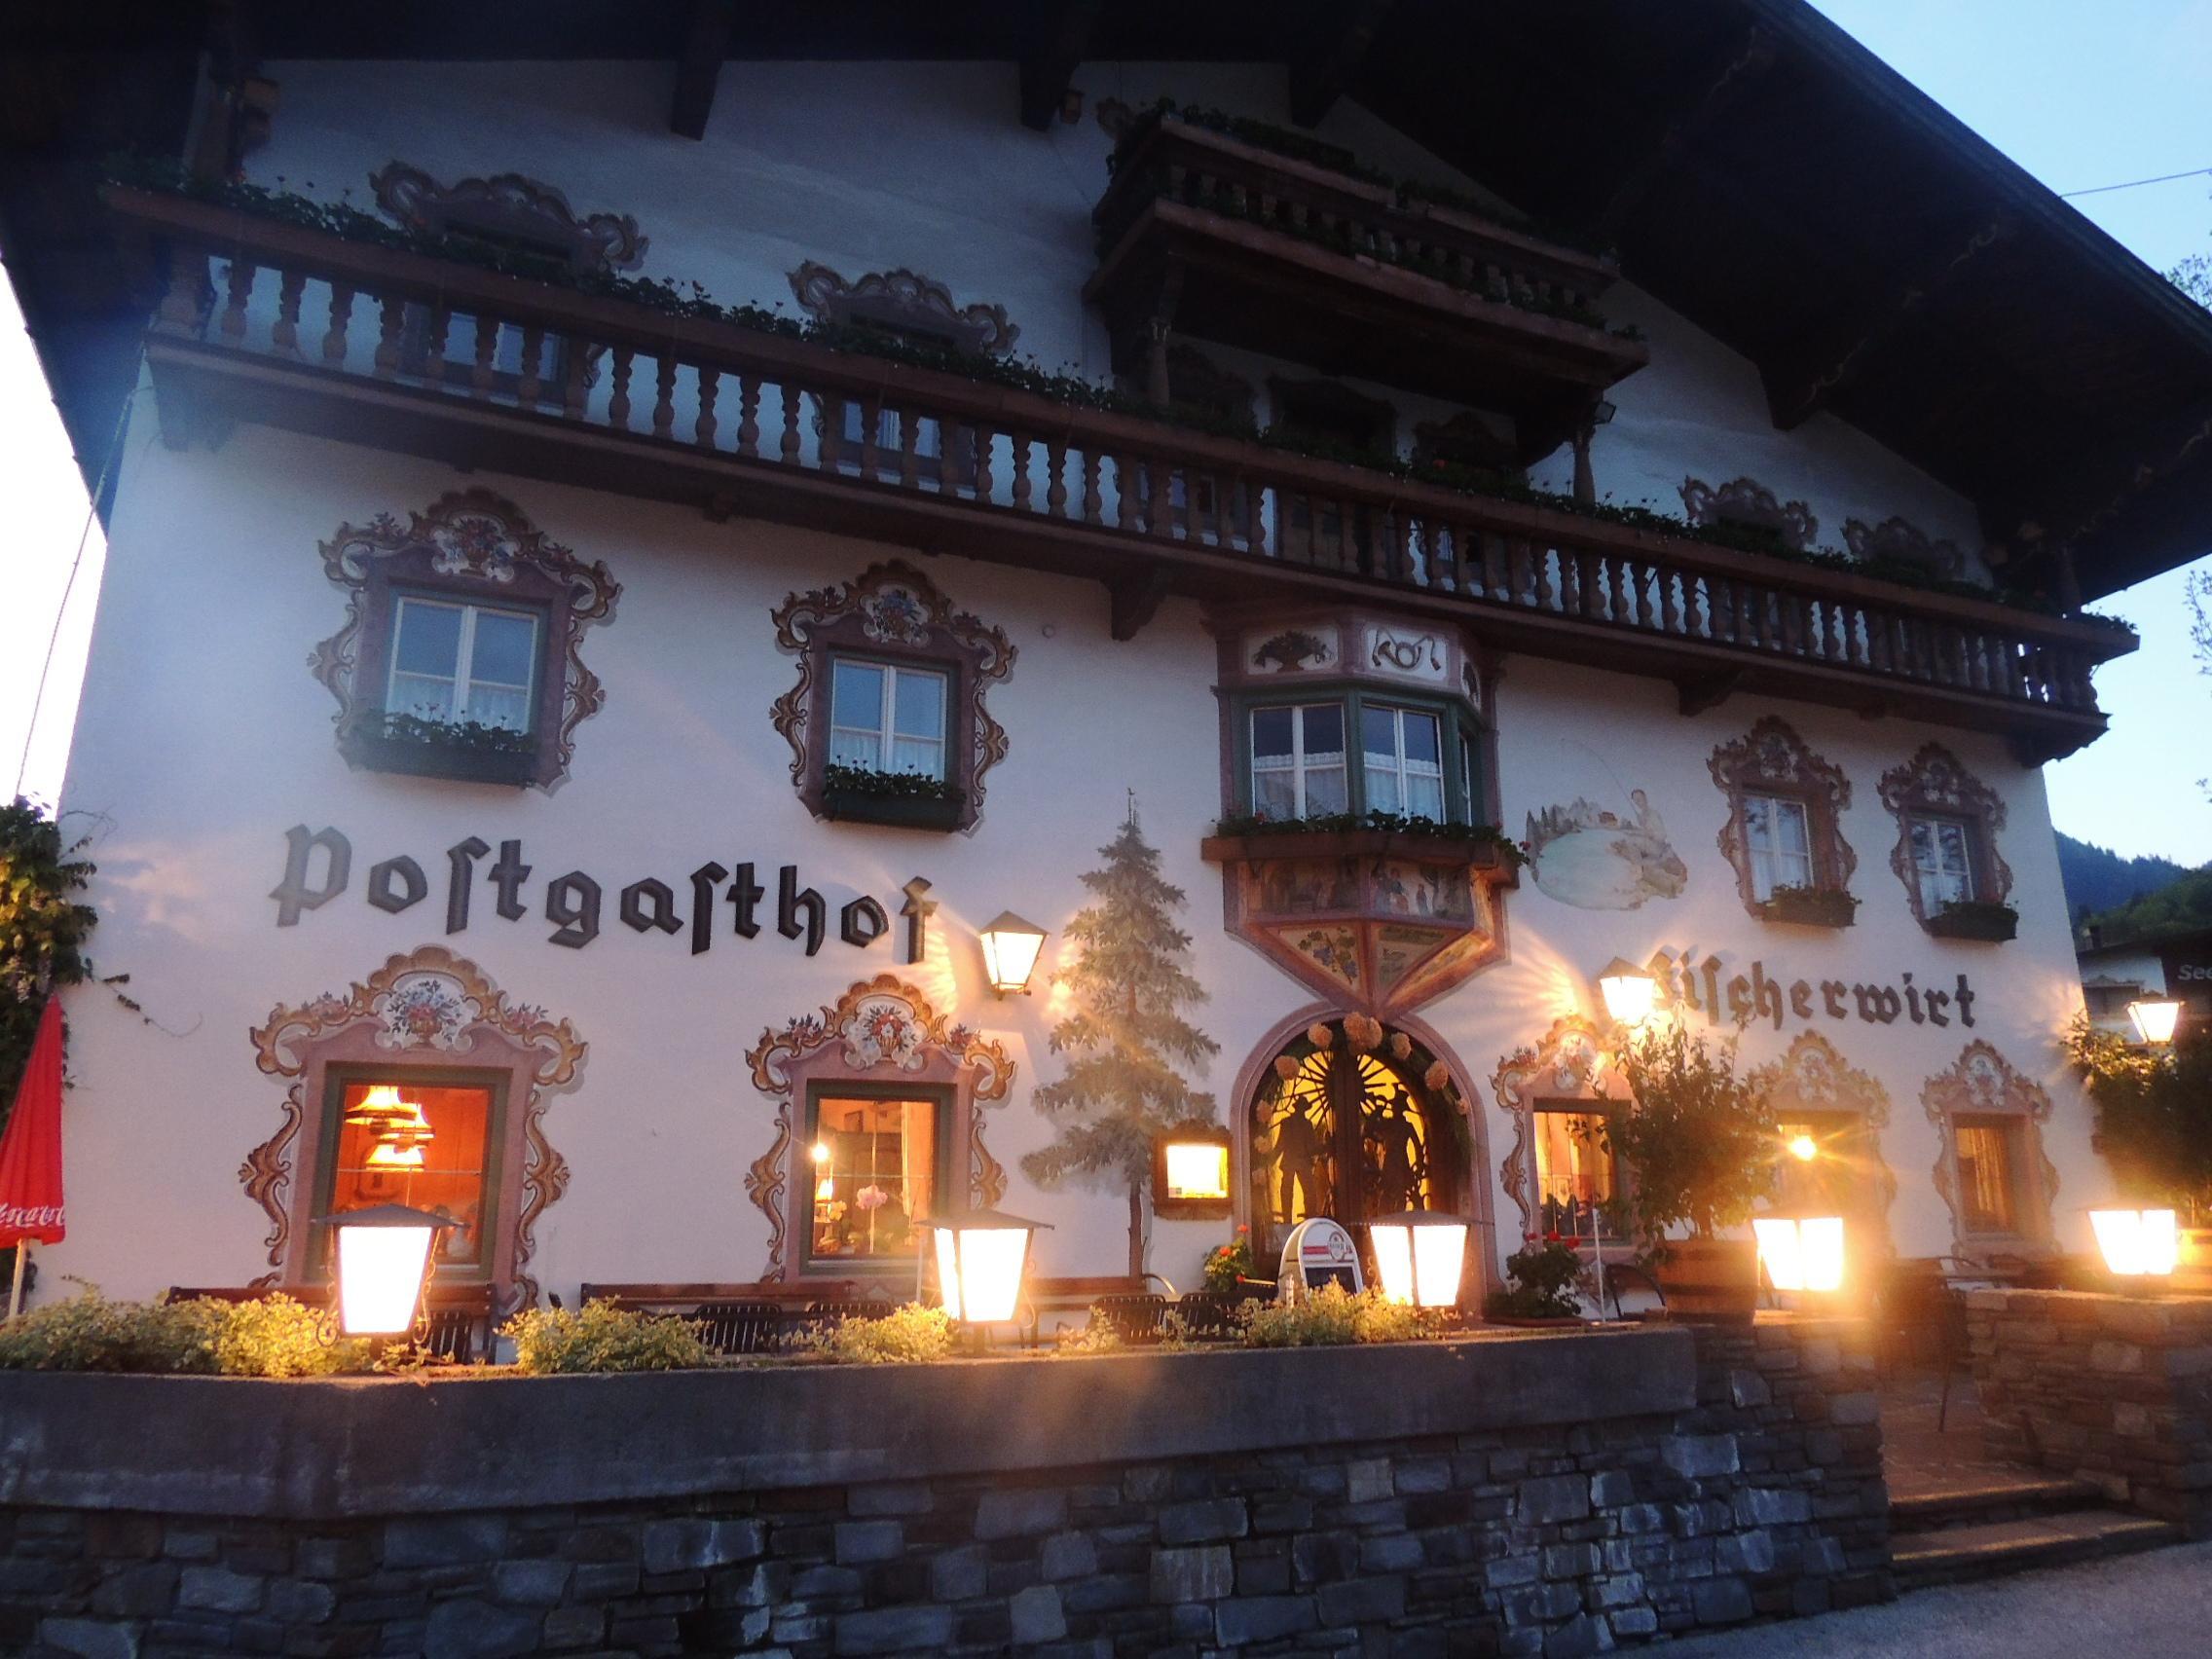 Postgasthof Fischerwirt